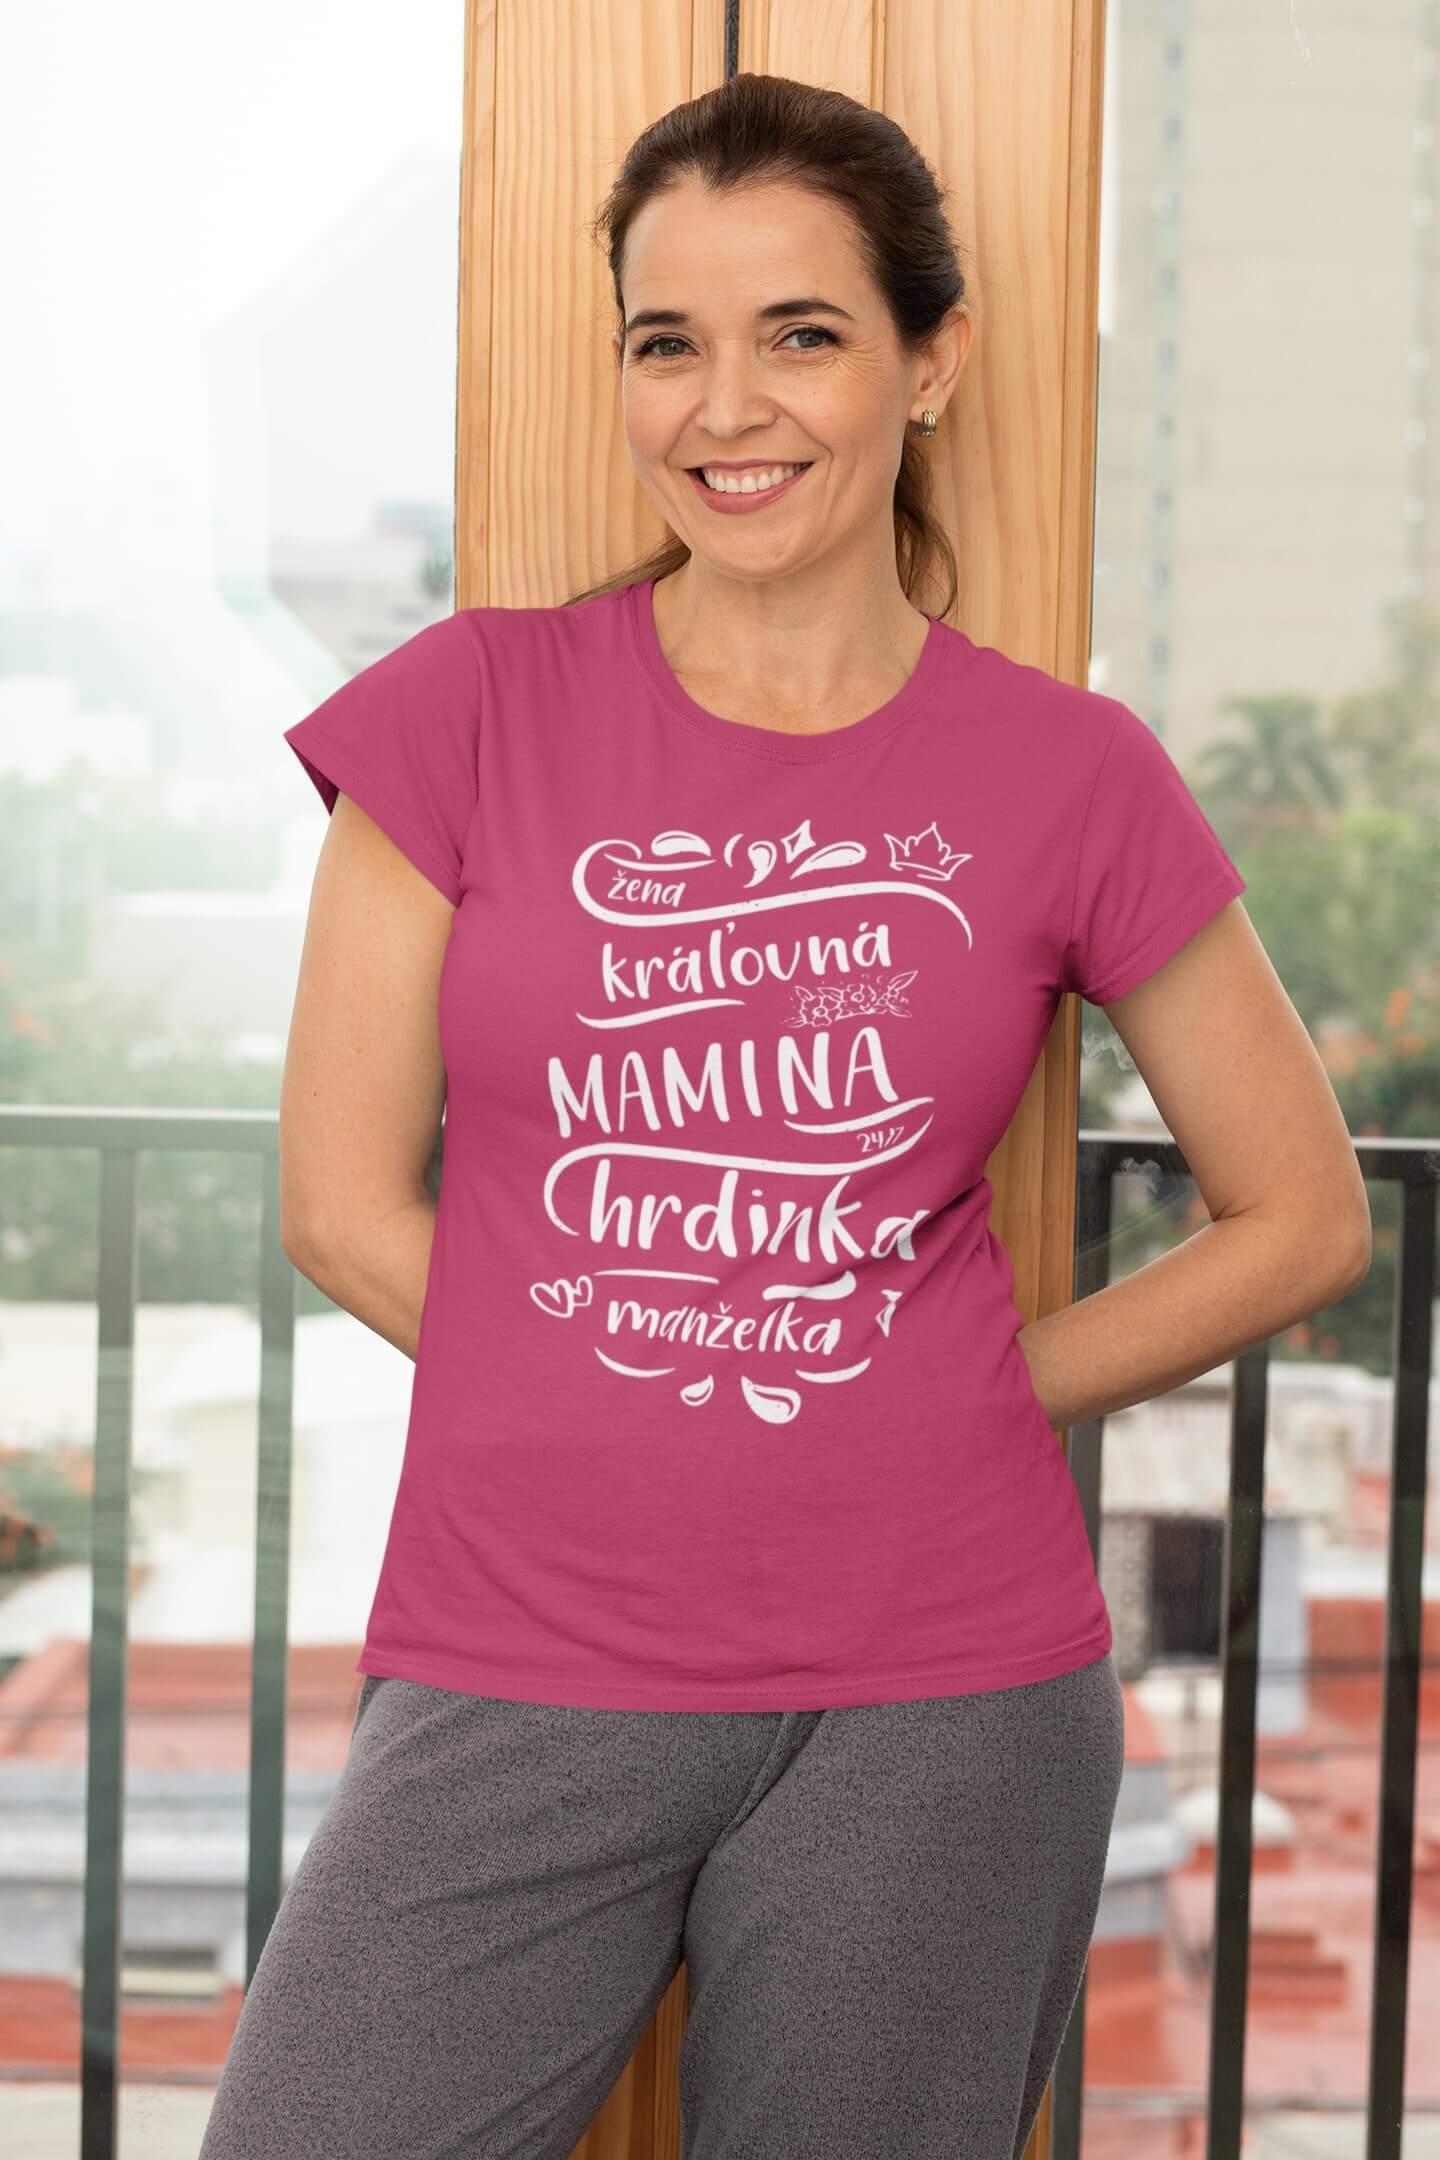 MMO Dámske tričko Mamina Vyberte farbu: Purpurová, Vyberte veľkosť: XS